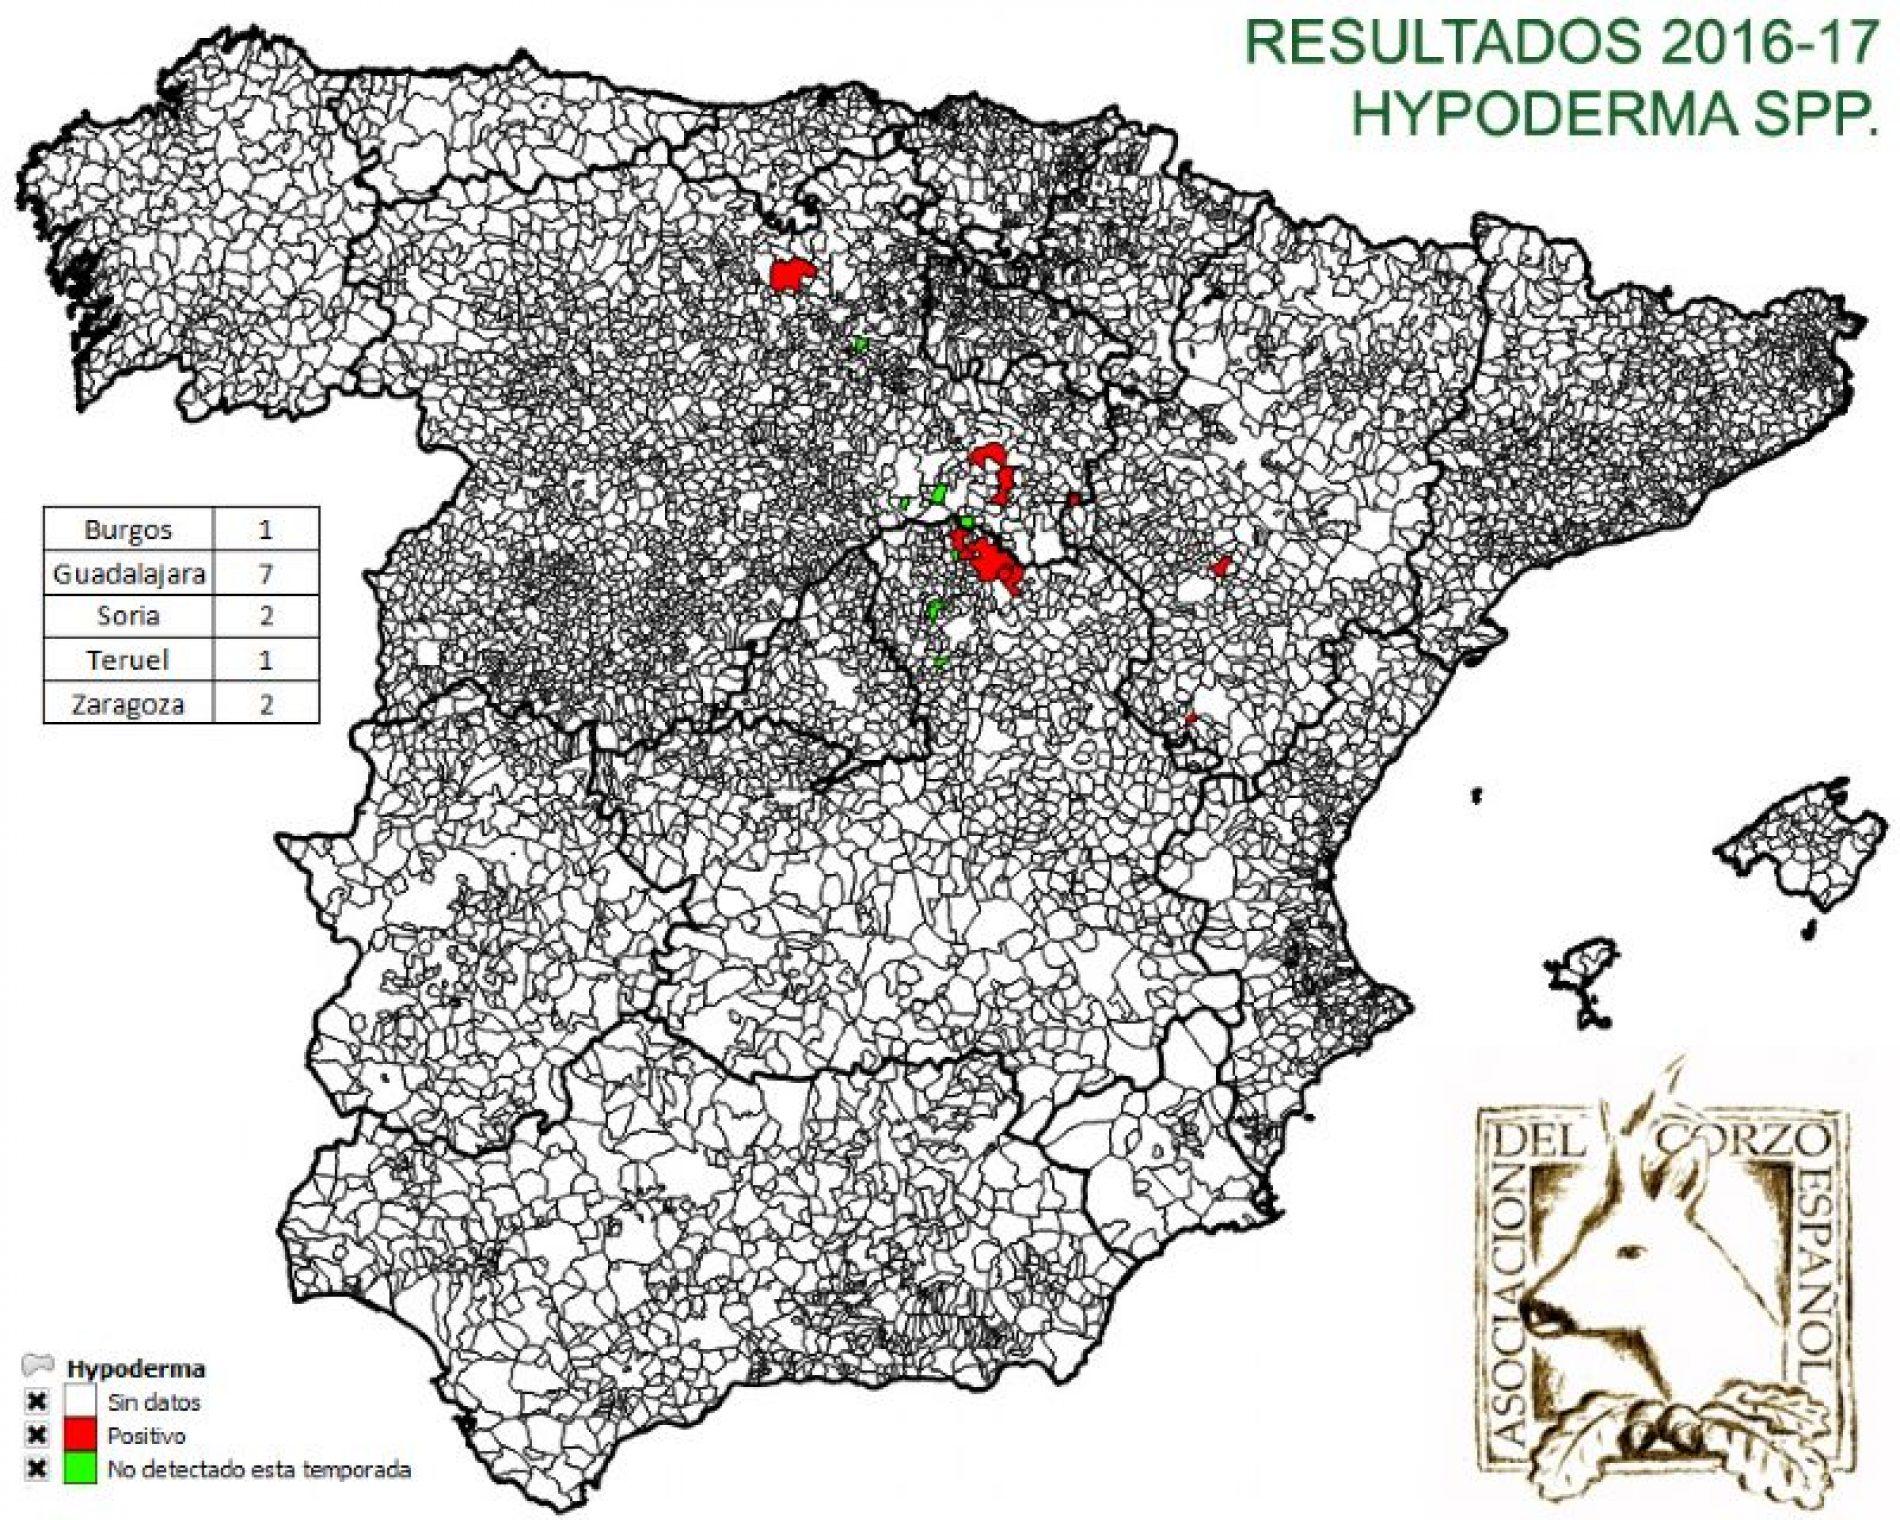 Resultados del Proyecto Hypoderma del Corzo (campaña 2016-2017)